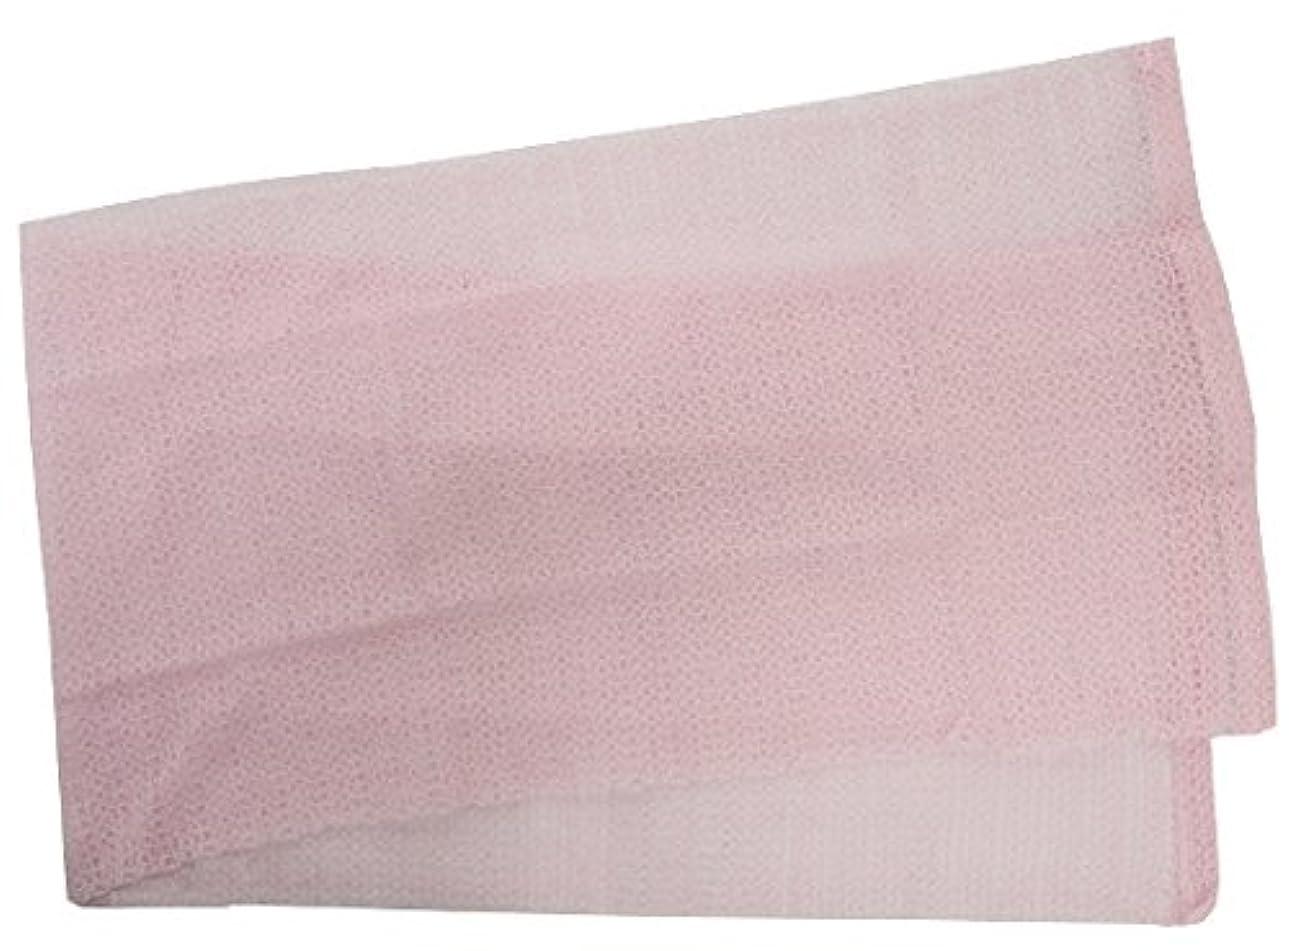 内なる上記の頭と肩ネブ小久保 『メレンゲのような泡立ちとソフトな肌ざわり』 モコモコボディタオル ピンク 24×100cm 2277